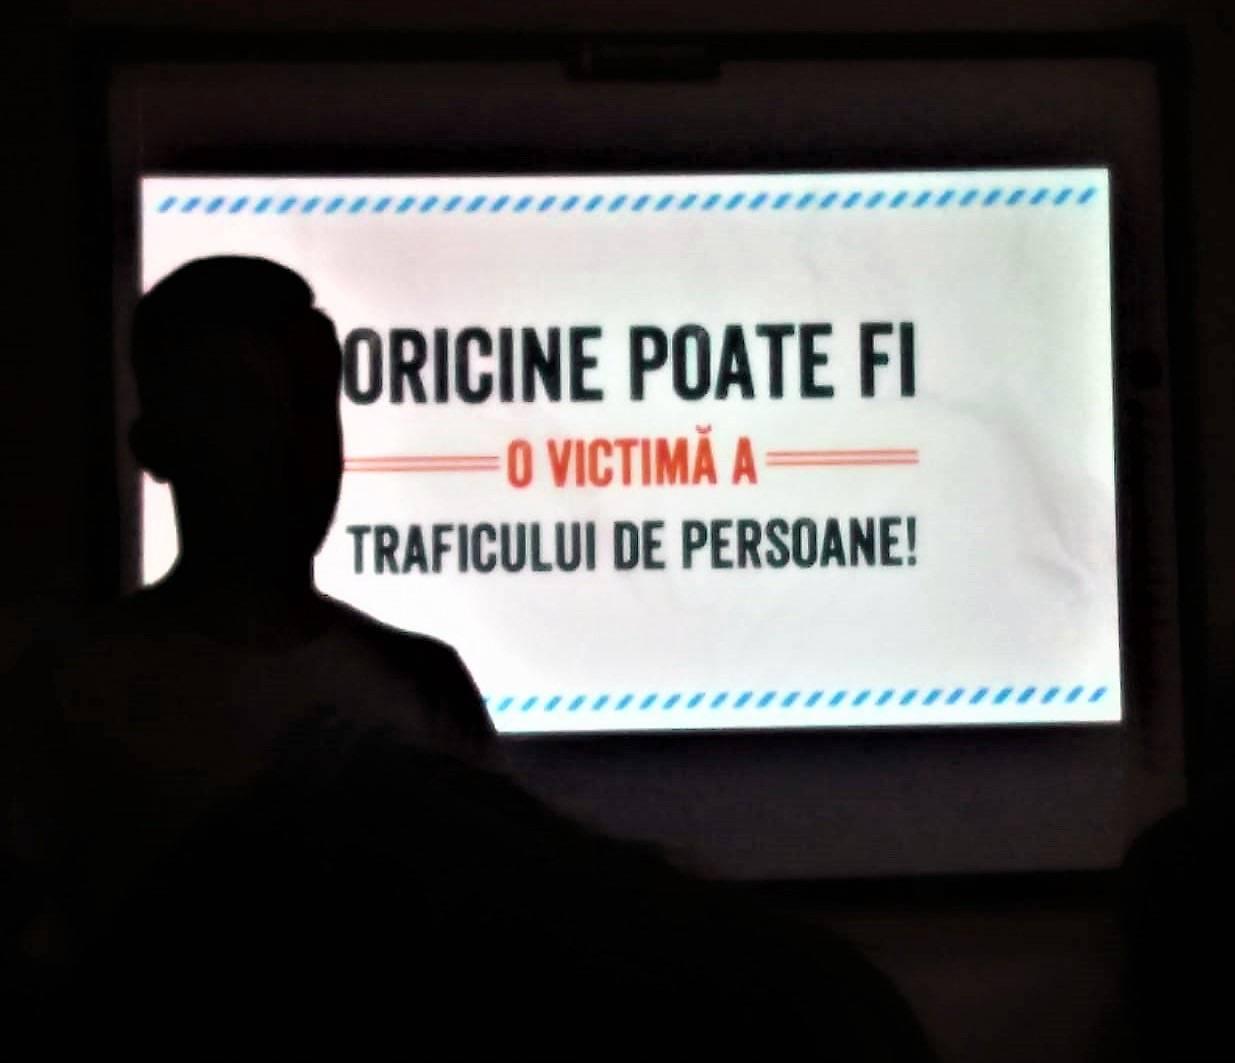 PROIECT PENTRU PREVENIREA TRAFICULUI DE PERSOANE 1